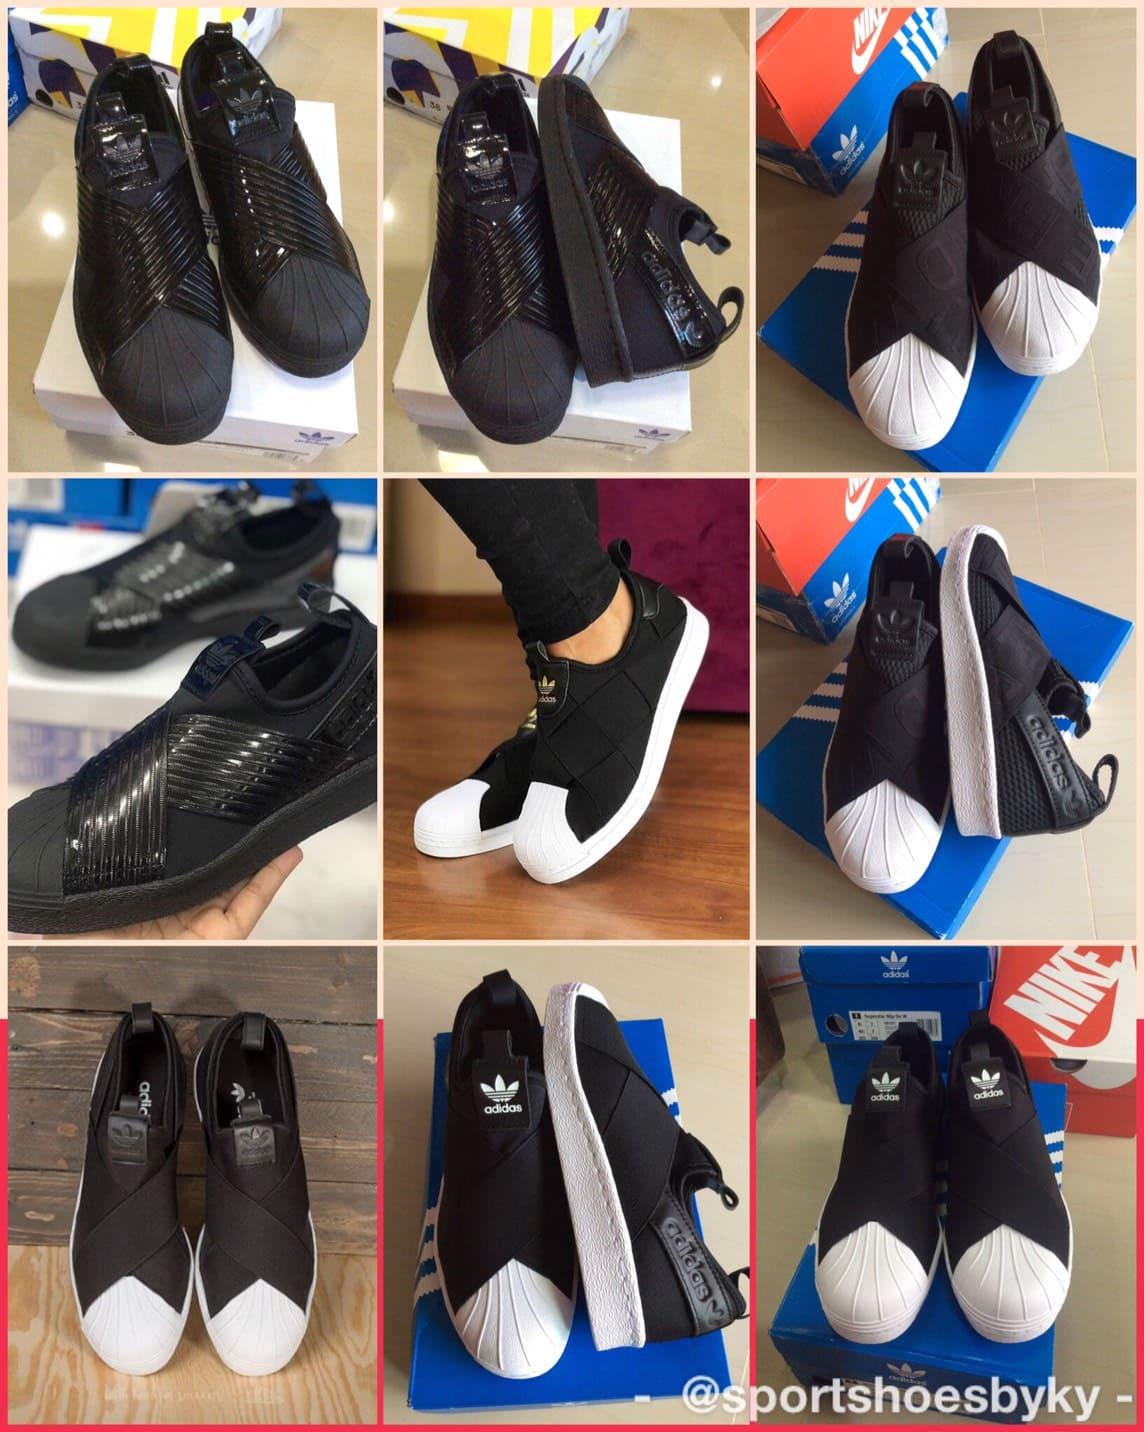 รีวิว Adidas Superstar Slip on Black สีดำ สุดฮิต มีแบบไหนบ้าง